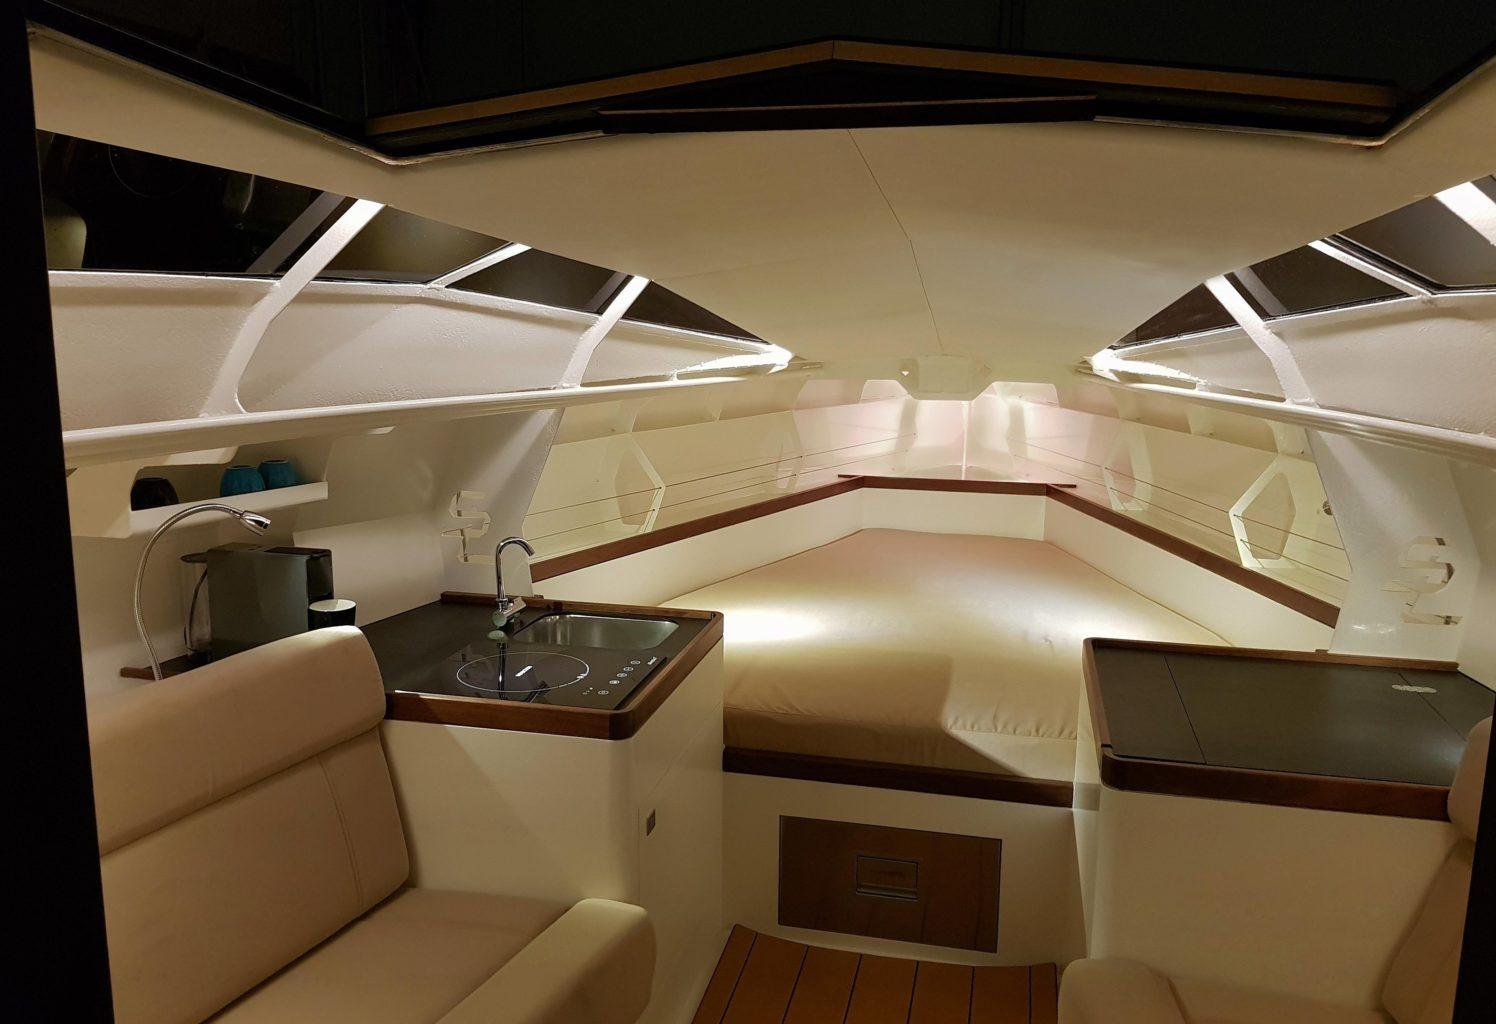 Speedlounger interior